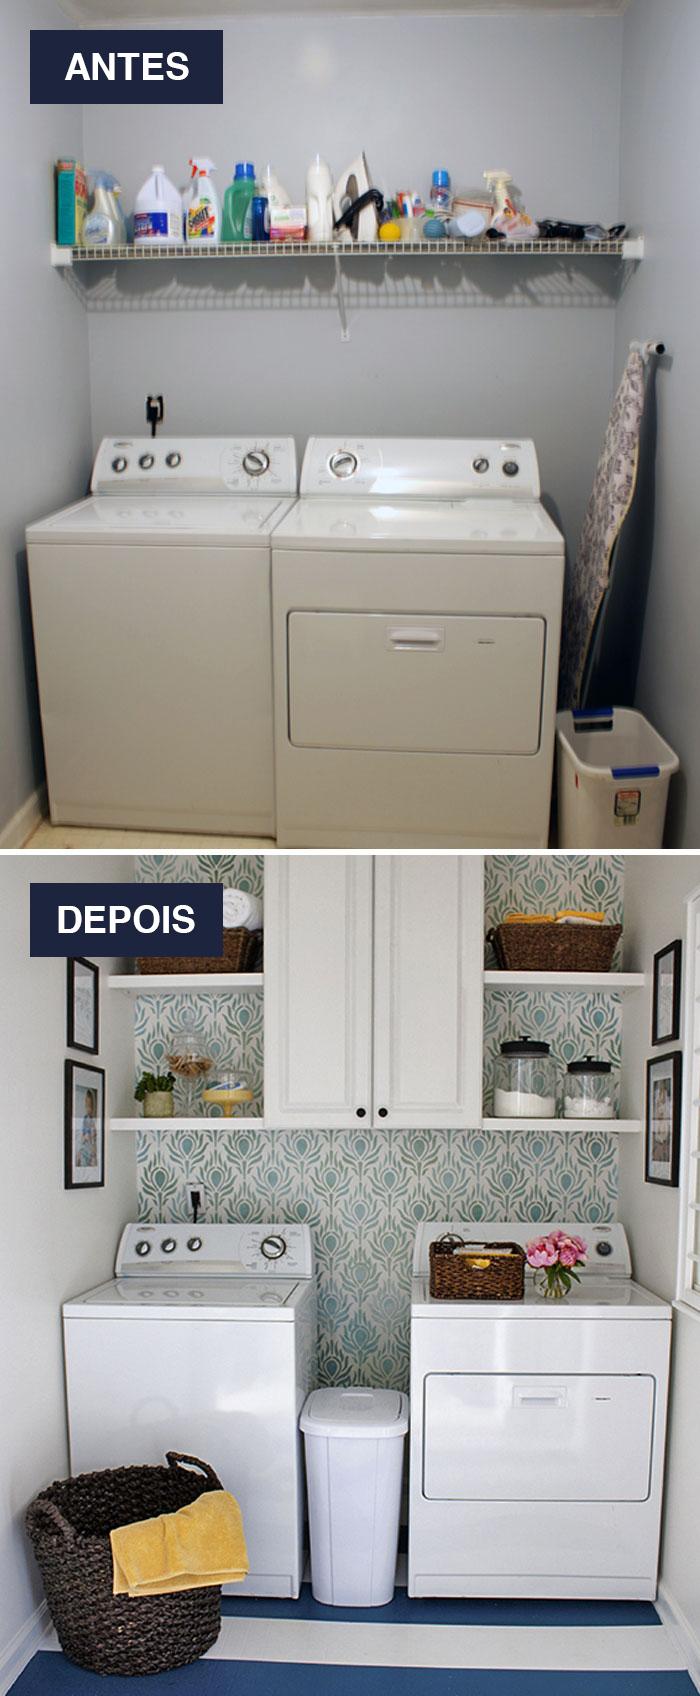 Interiores antes e depois